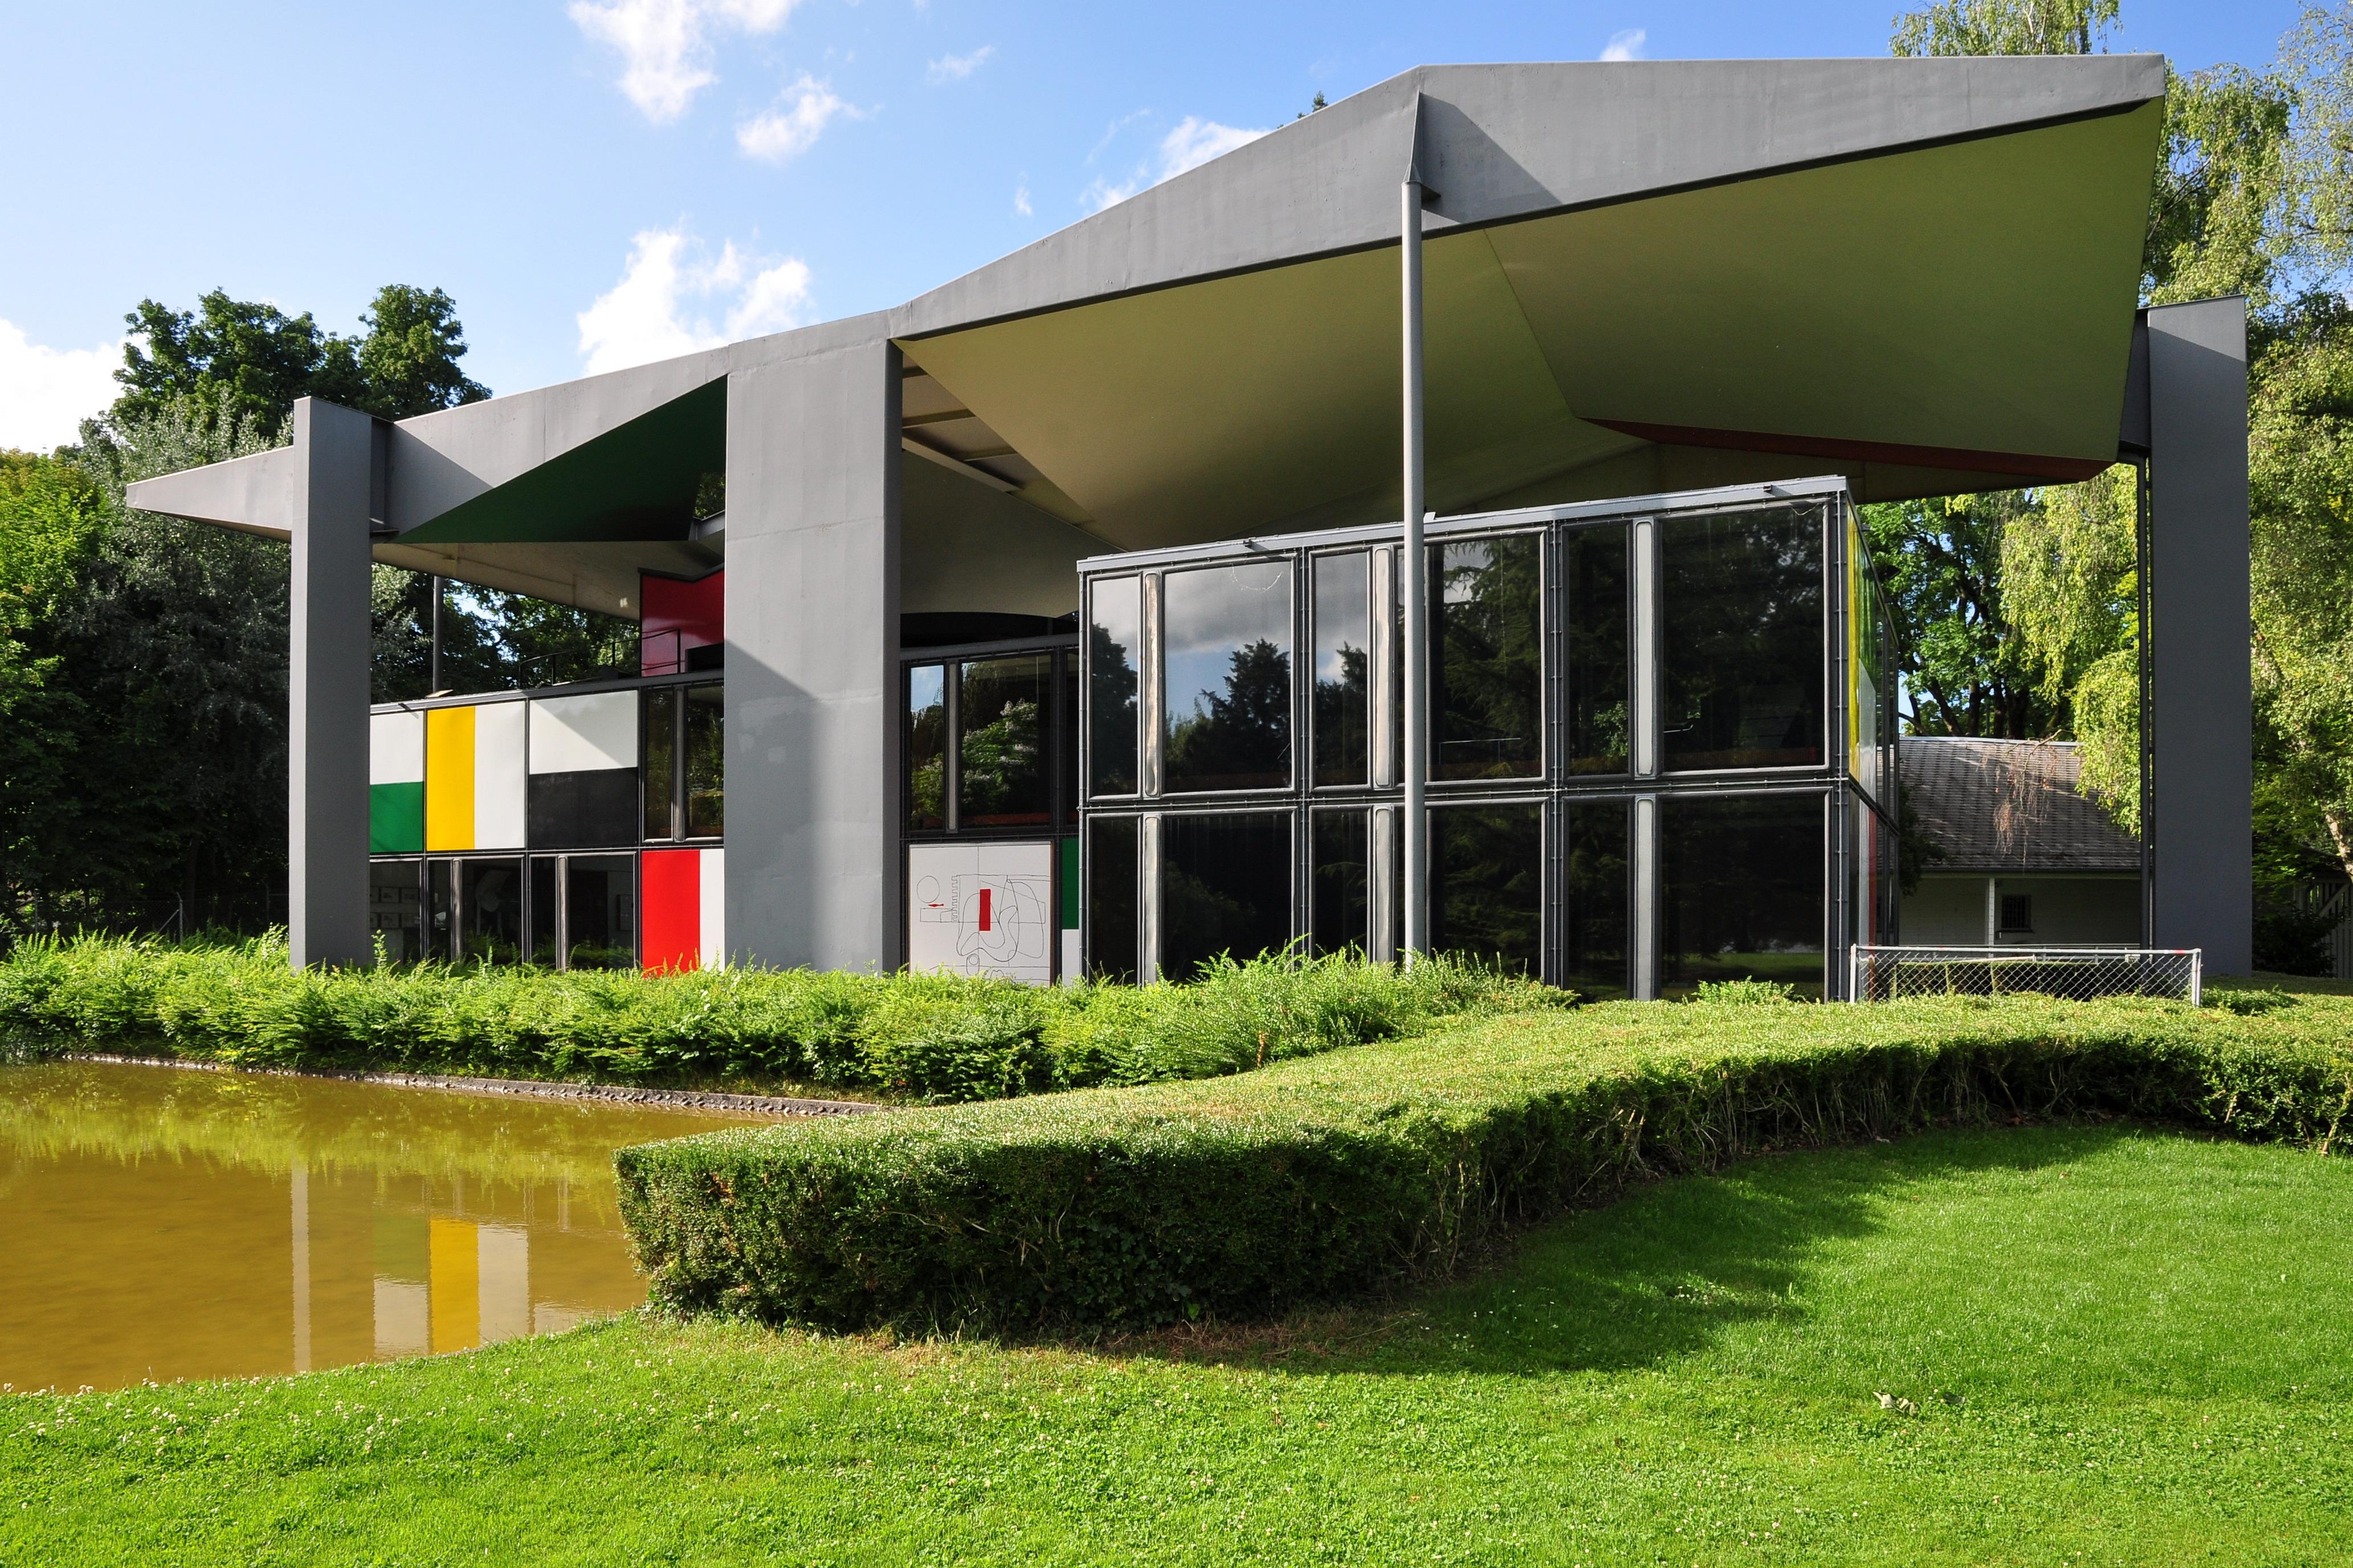 Pavillon Le Corbusier - Wikipedia